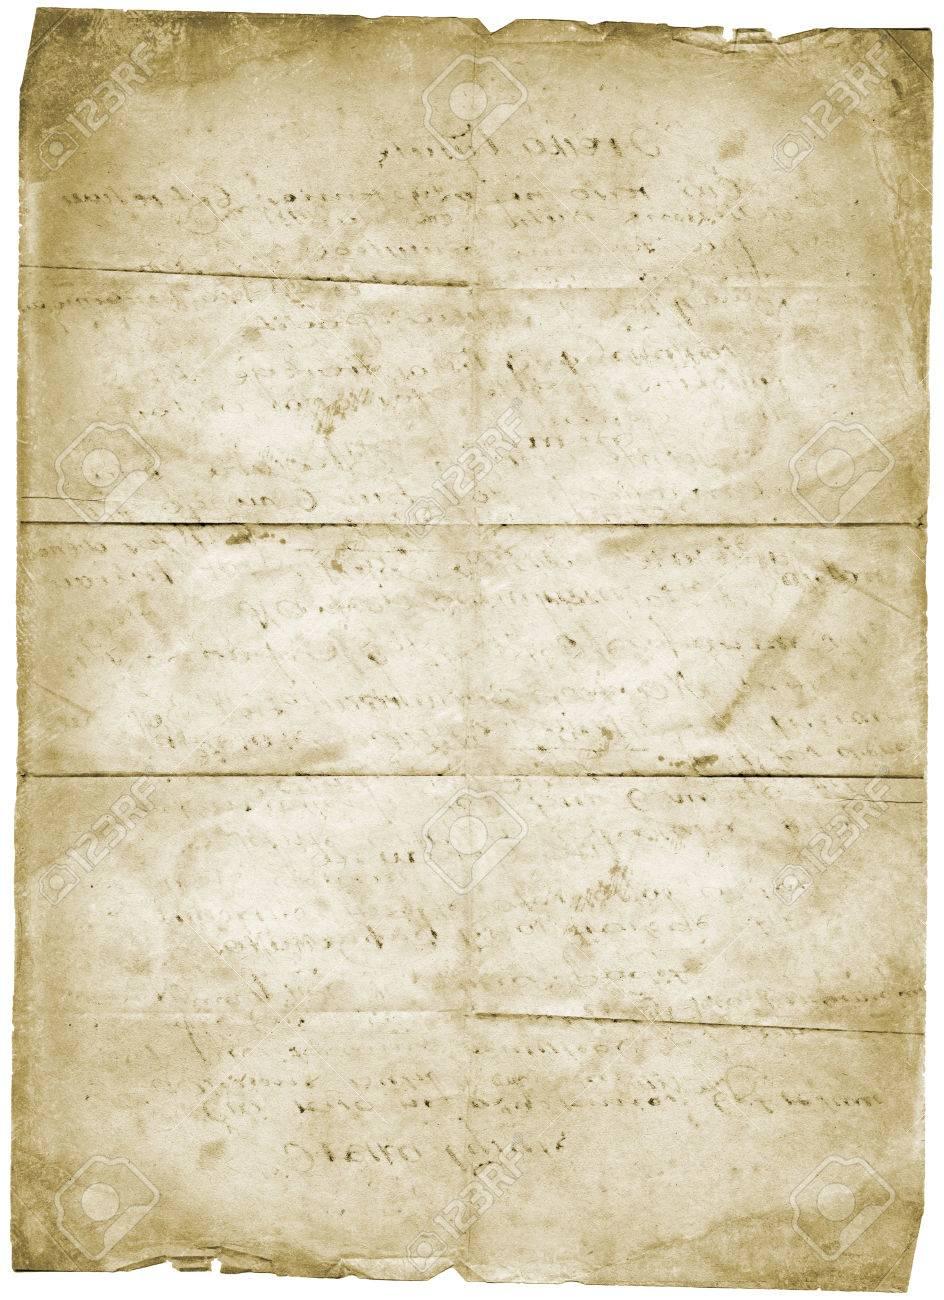 Old Lettre Papier Vintage Grunge Isolé Sur Fond Blanc Banque D